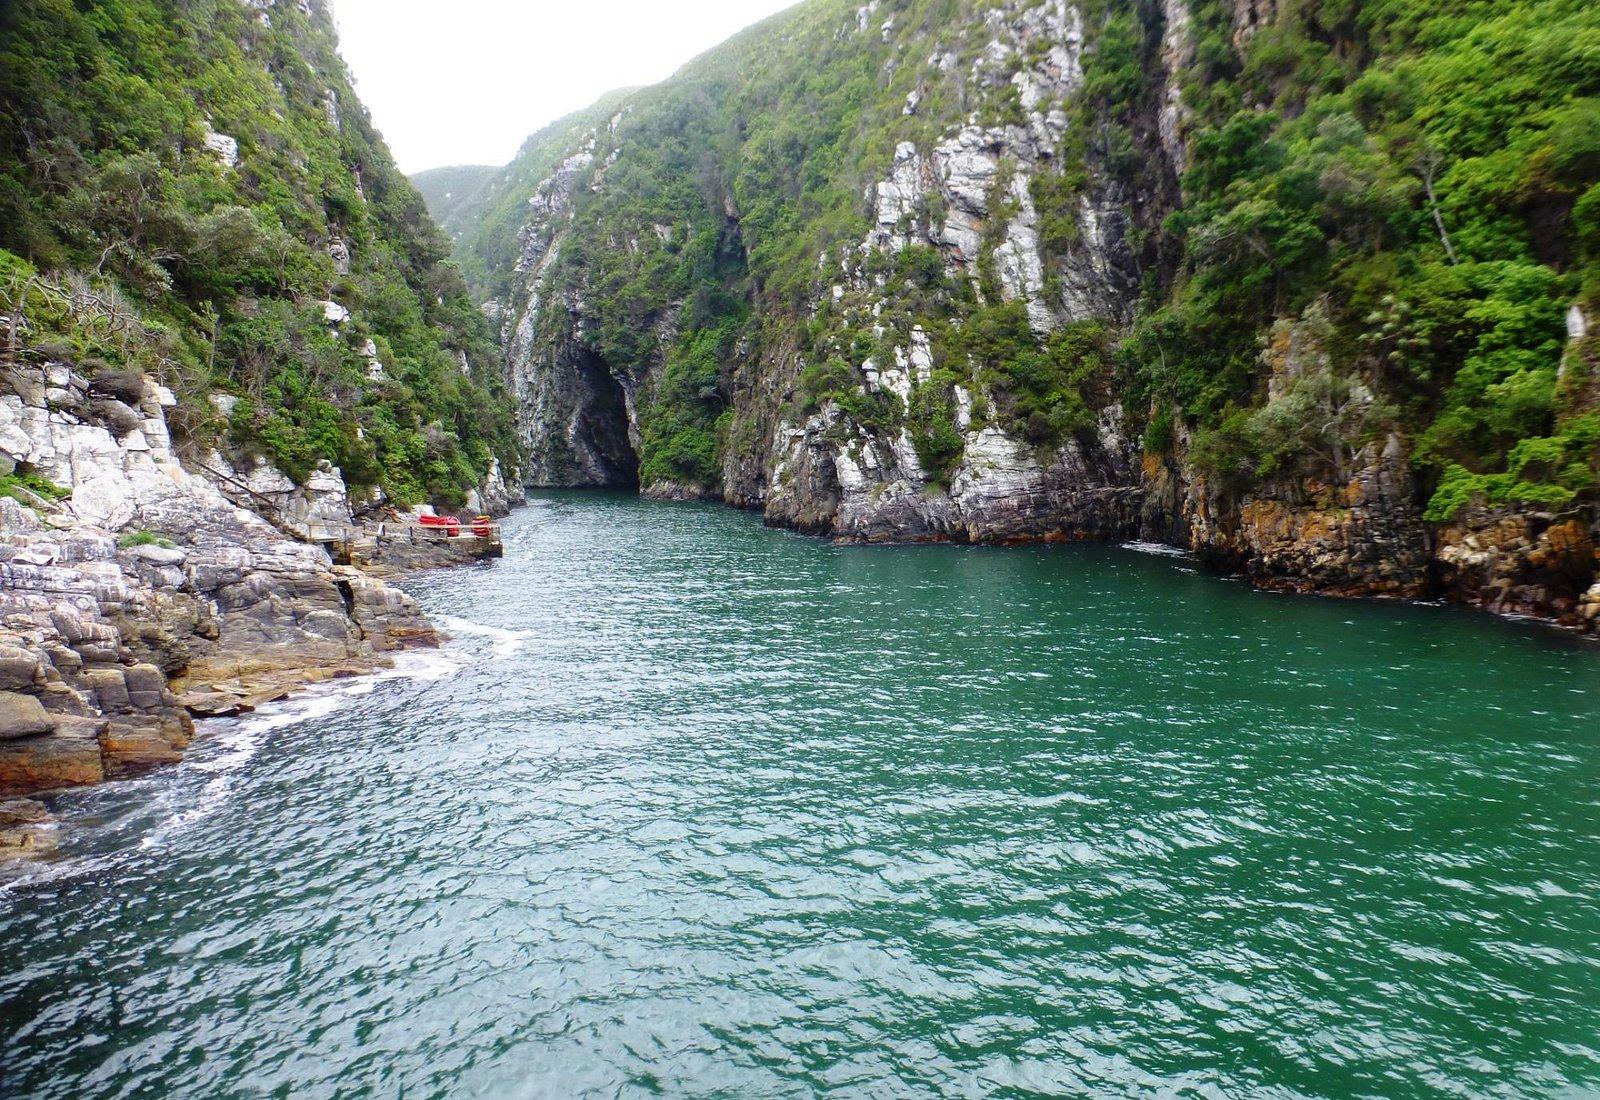 Rio Storm, de película. Por acá entran los kayaks que tambien podés alquilar.